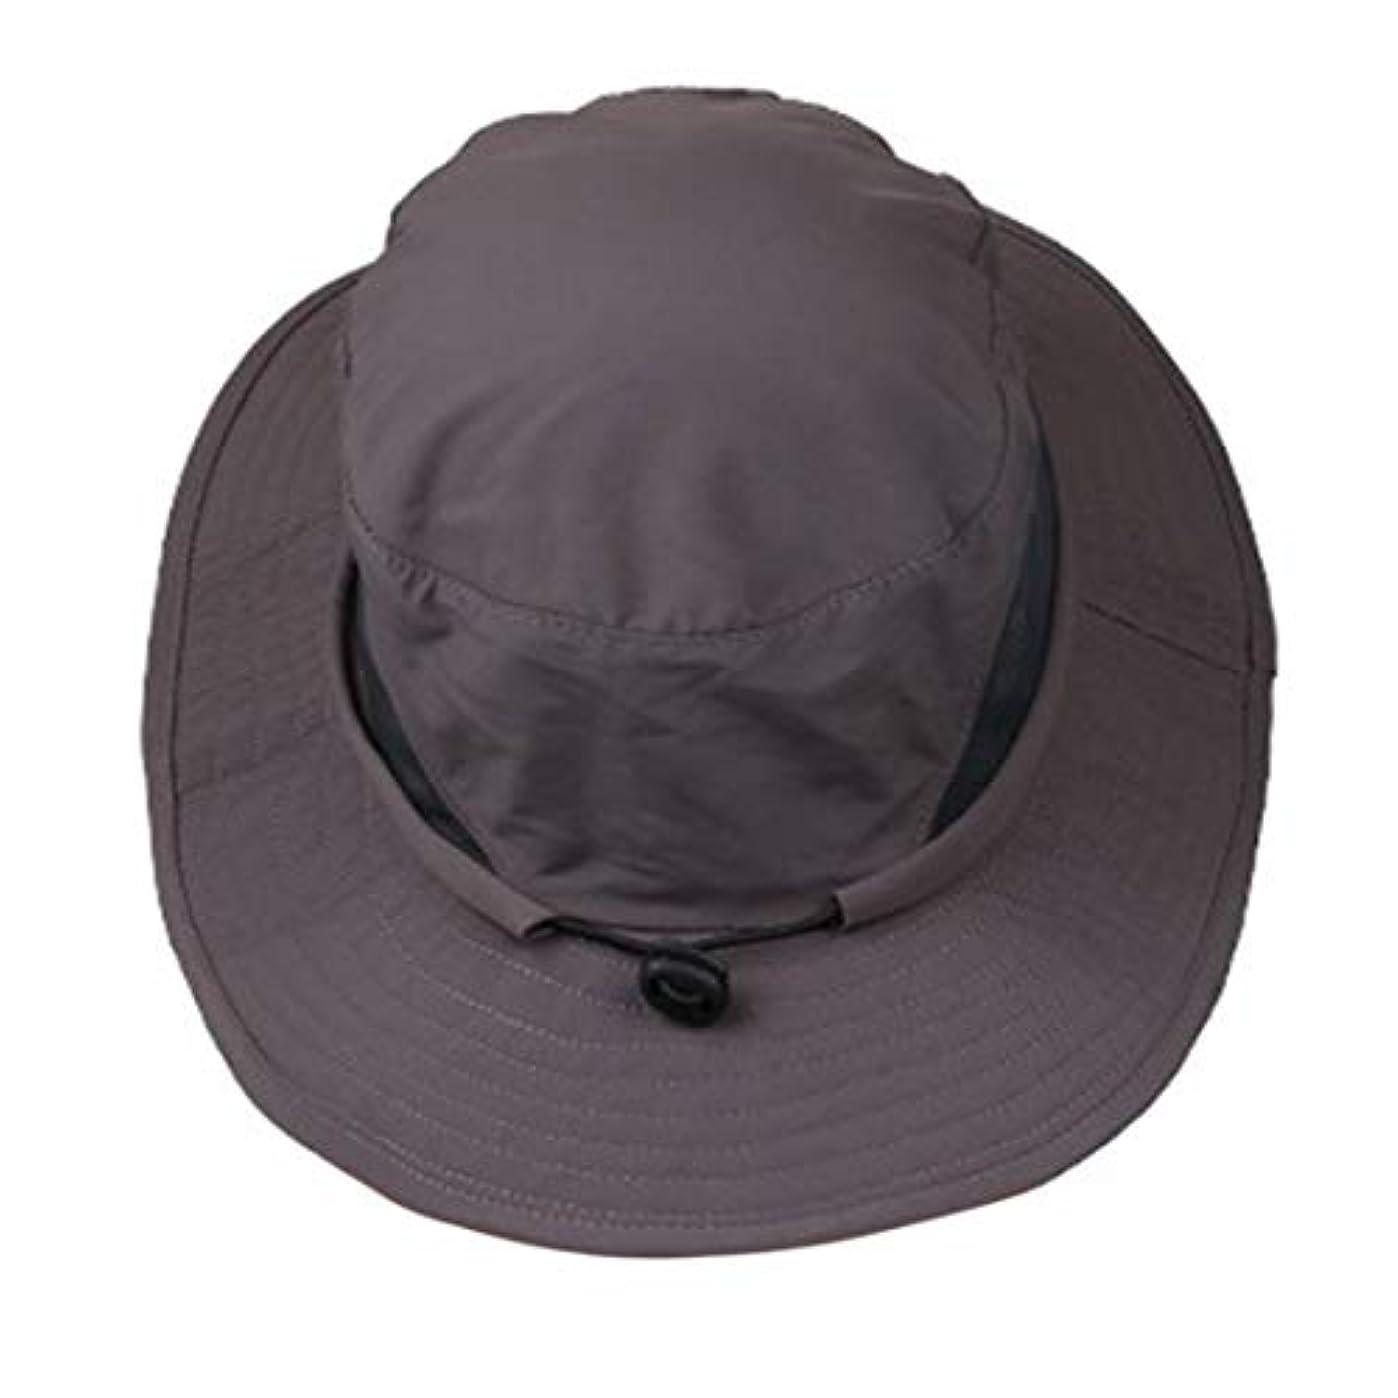 酒家庭回転するLUISUI(ルイスイ)アウトドアの日よけ帽 UPF50+ つば広い 撥水 通気性強い ひも付き 調整可能 サファリハット 通勤 通学 公園 釣り ハイキング 登山 キャンプ フィッシングに適用 ユニセックス 軽量 持ち運びも便利(全5色)